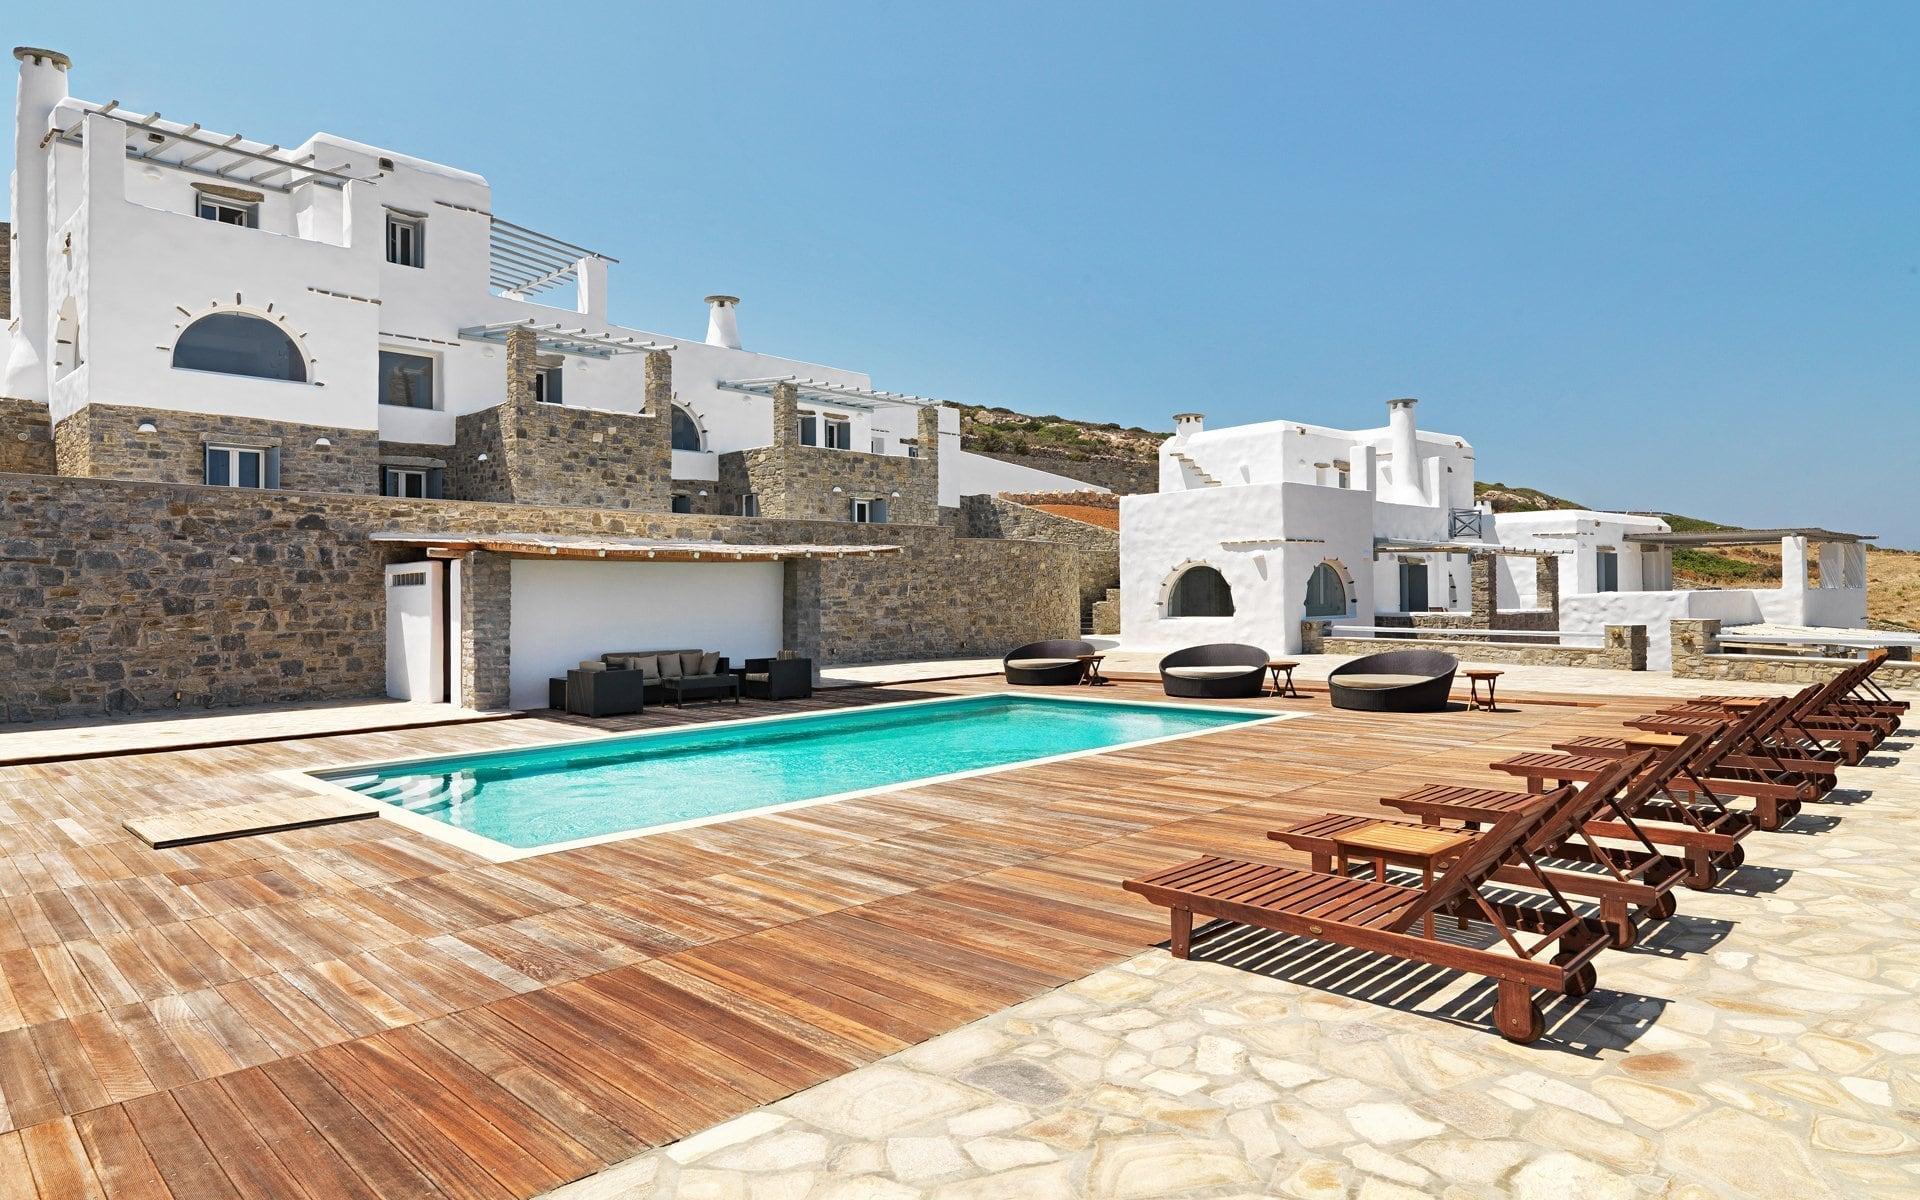 Maison, Paros - Ref GR-3933